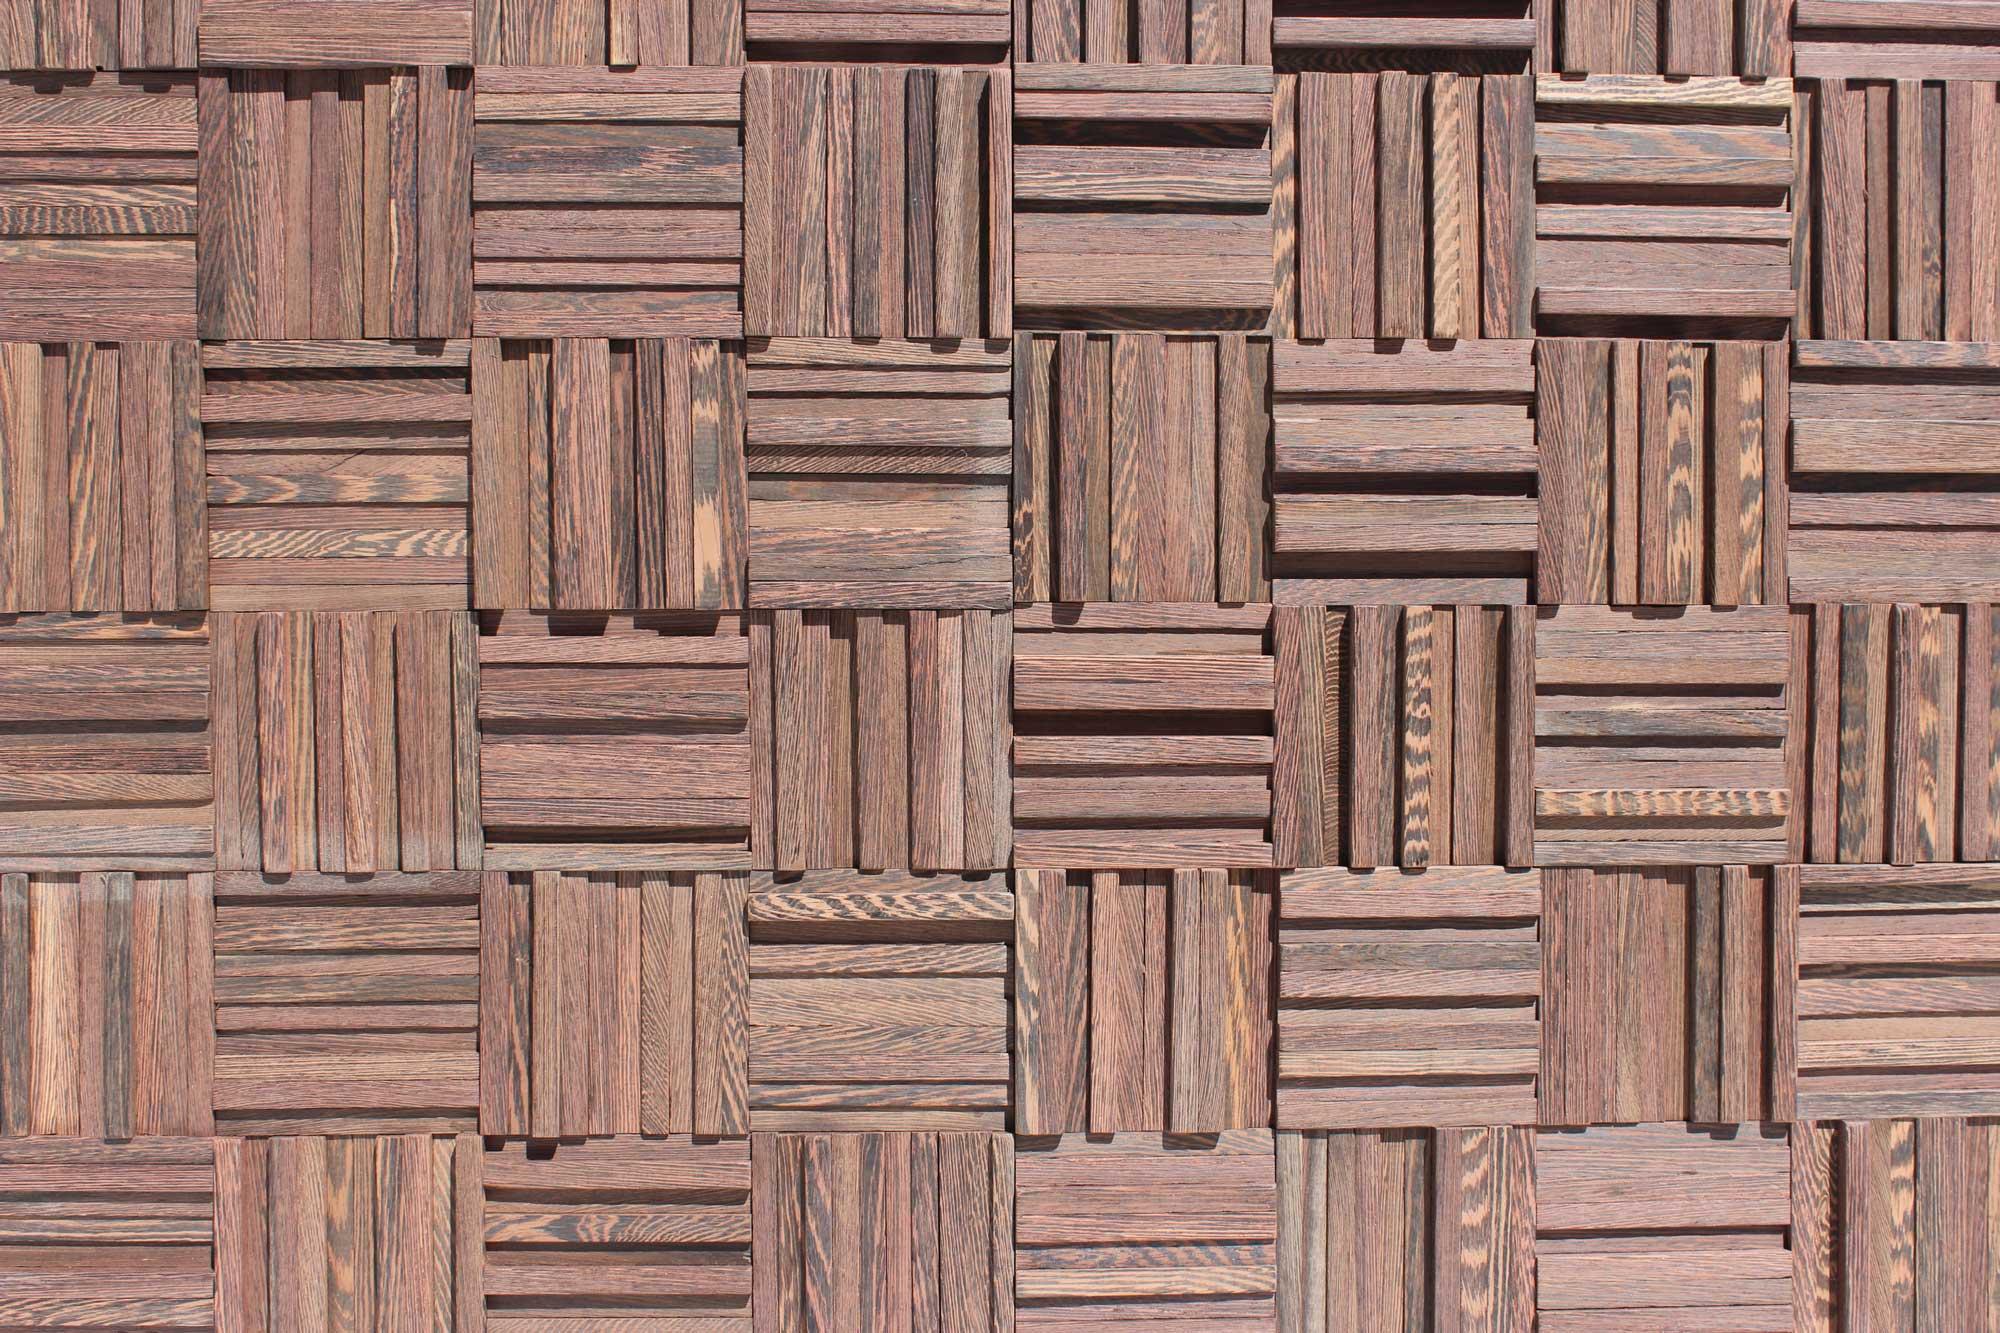 wandpaneele-holz-wenge-bricky-square